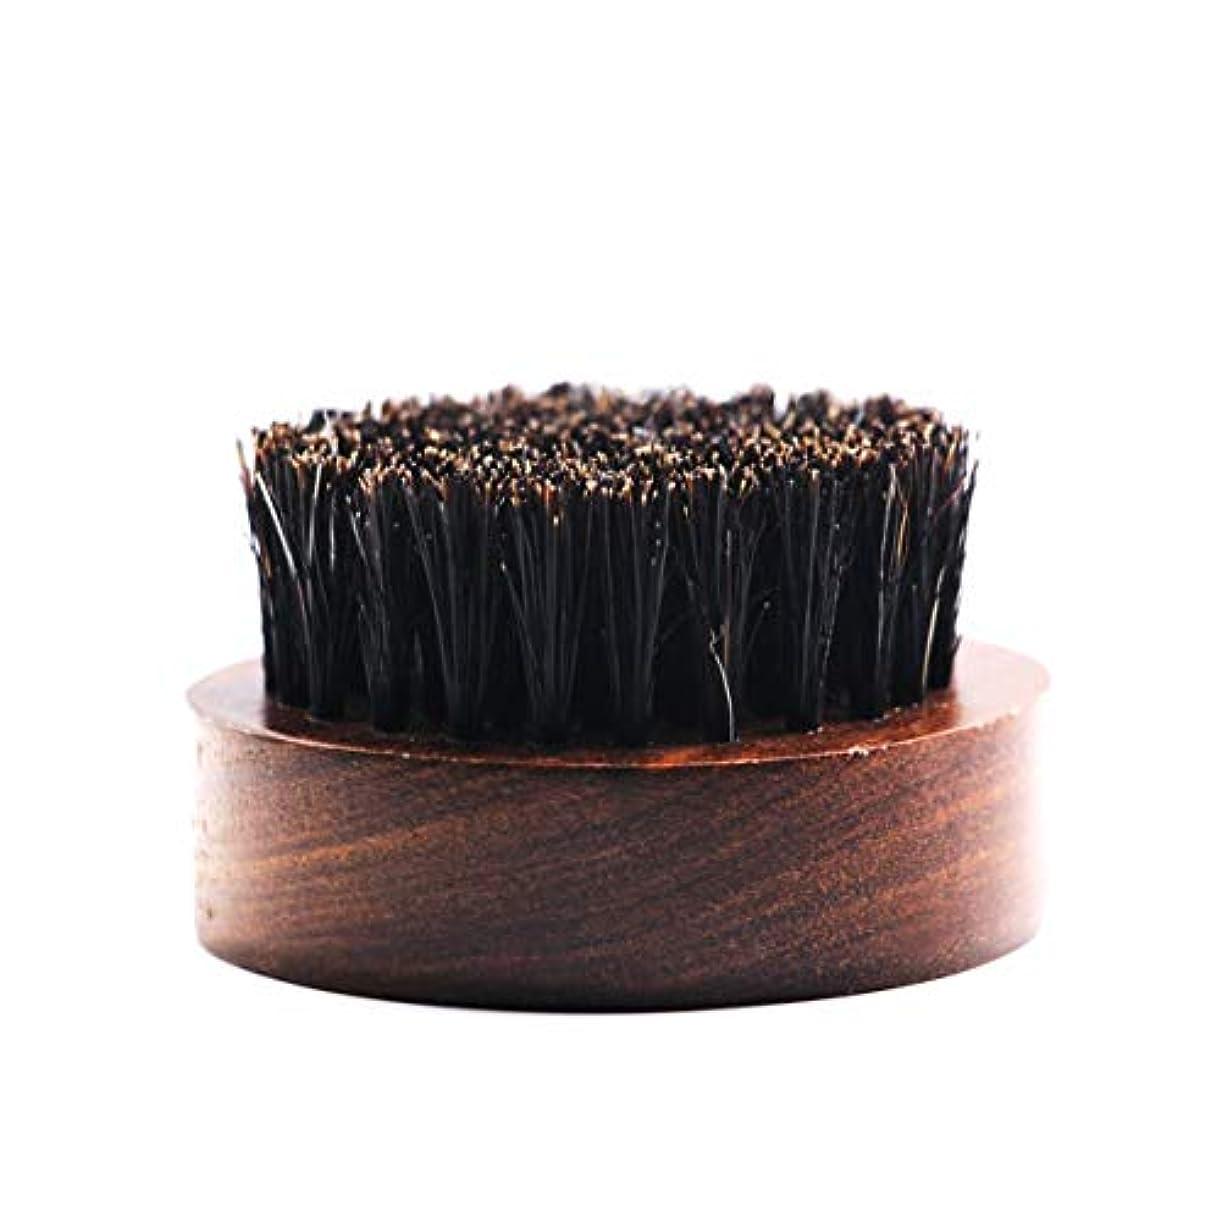 優遇微妙明らかに男性用のひげブラシ丸い木製ハンドルひげの油とバームに最適ナチュラルソフトヘアブリストル-ブラウン